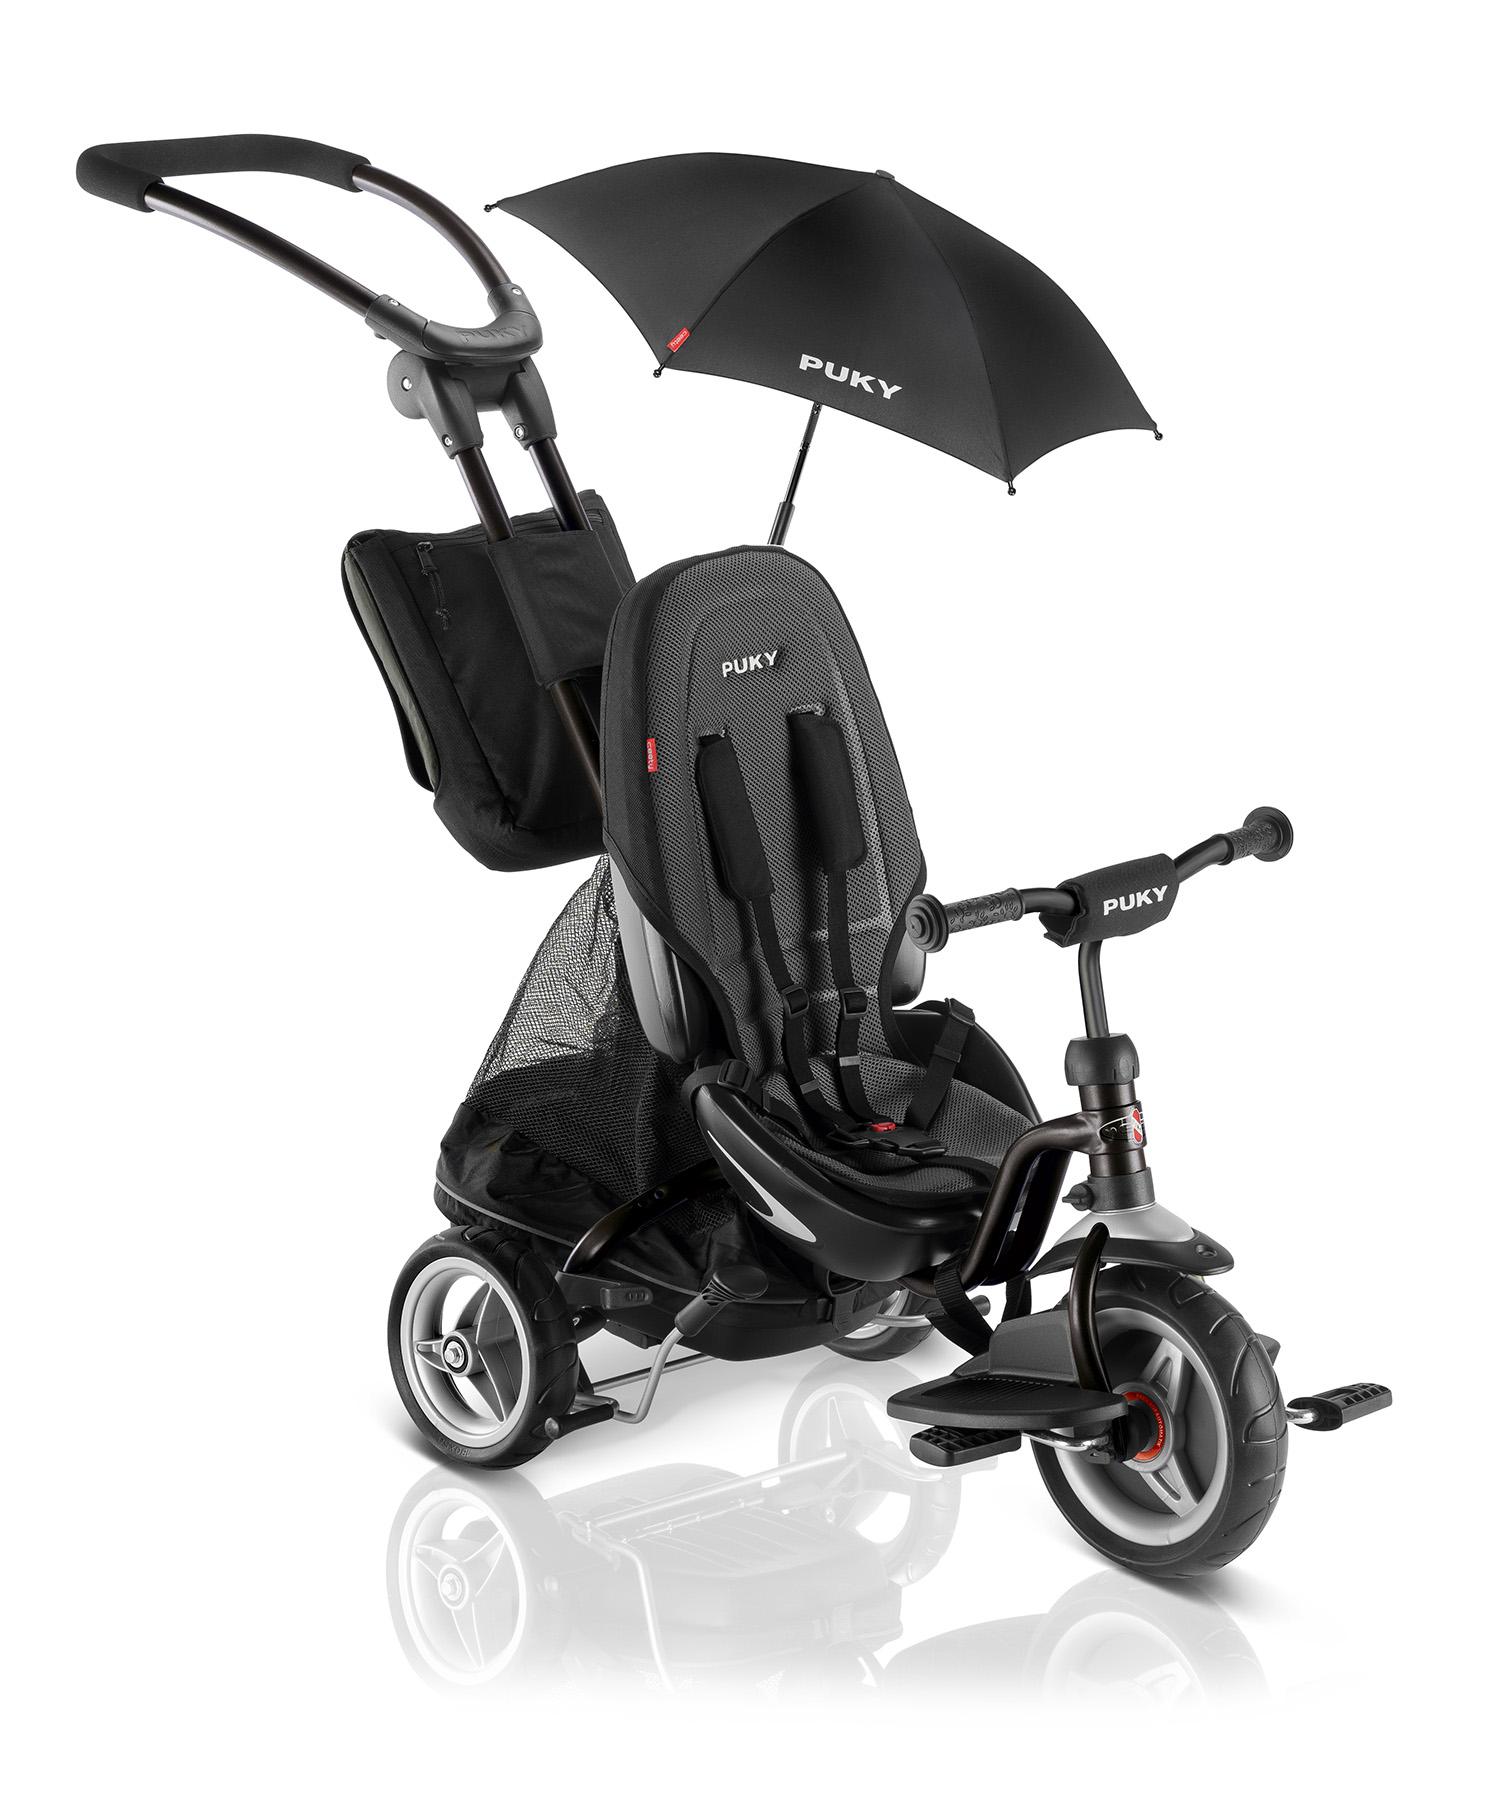 Купить Трехколесный велосипед Puky CAT S6 Ceety черный, Велосипед трехколесный Puky CAT S6 Ceety черный,